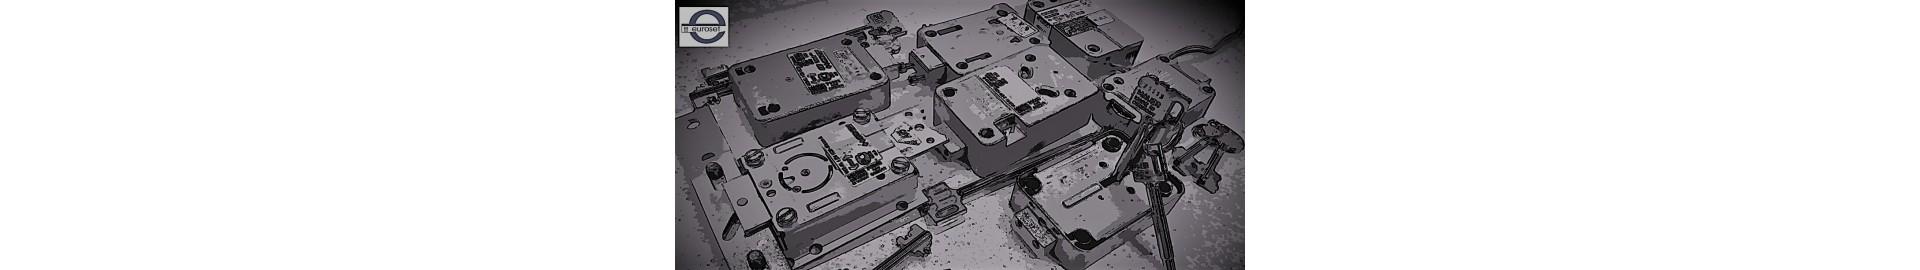 zamki do sejfu kasy pancernej szafy na broń szyfrowe na klucz atest